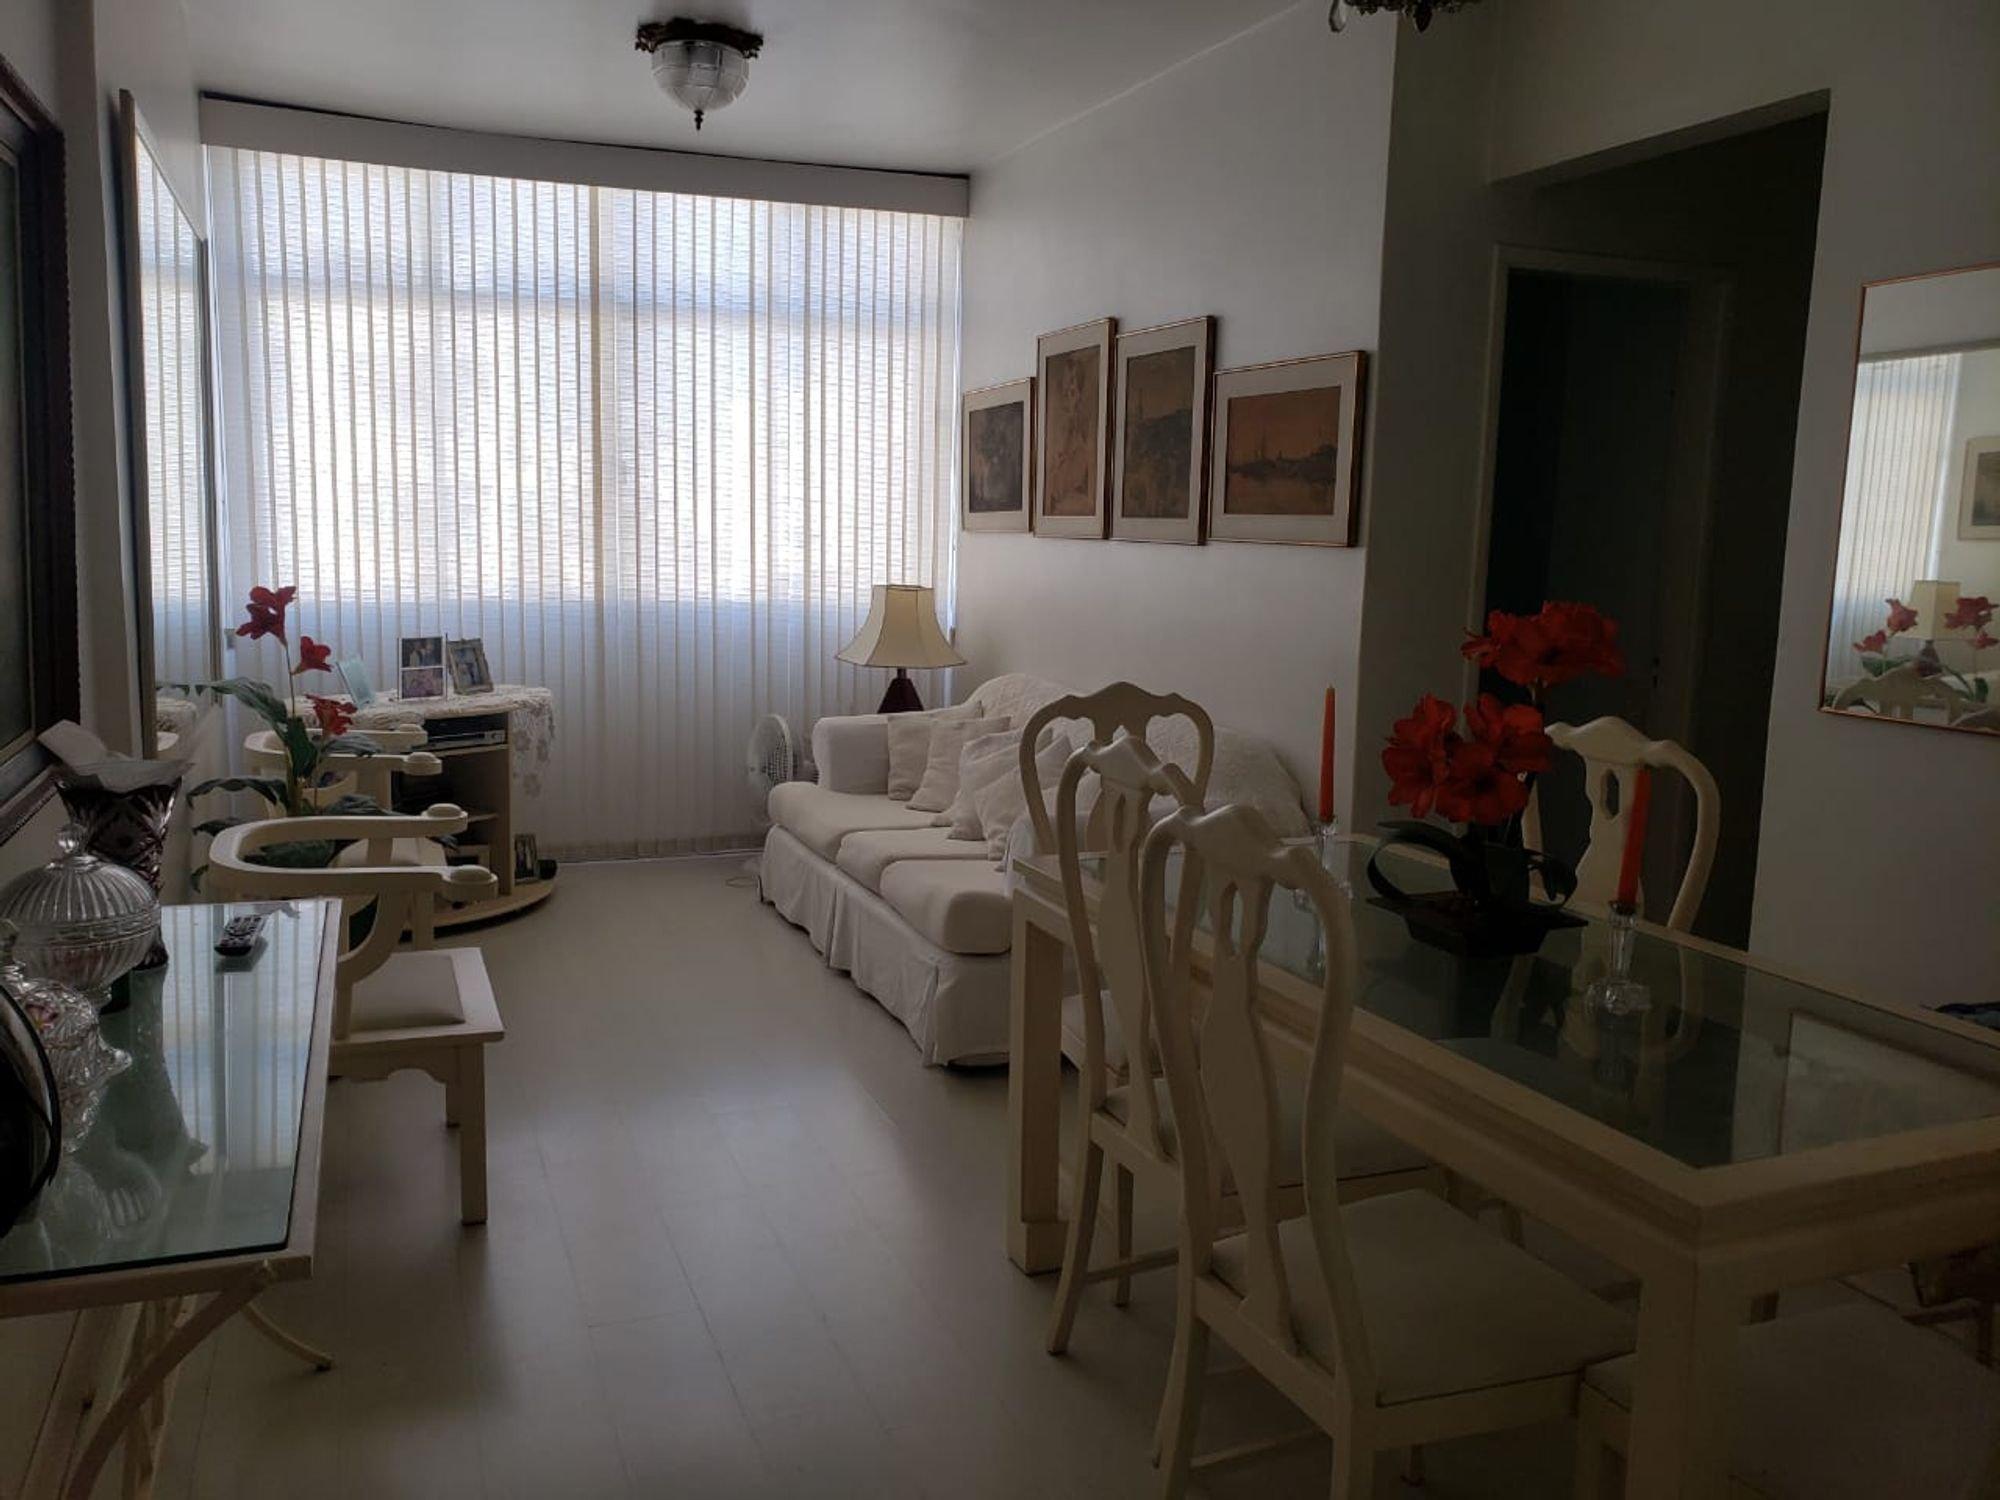 Foto de Hall com vaso de planta, sofá, cadeira